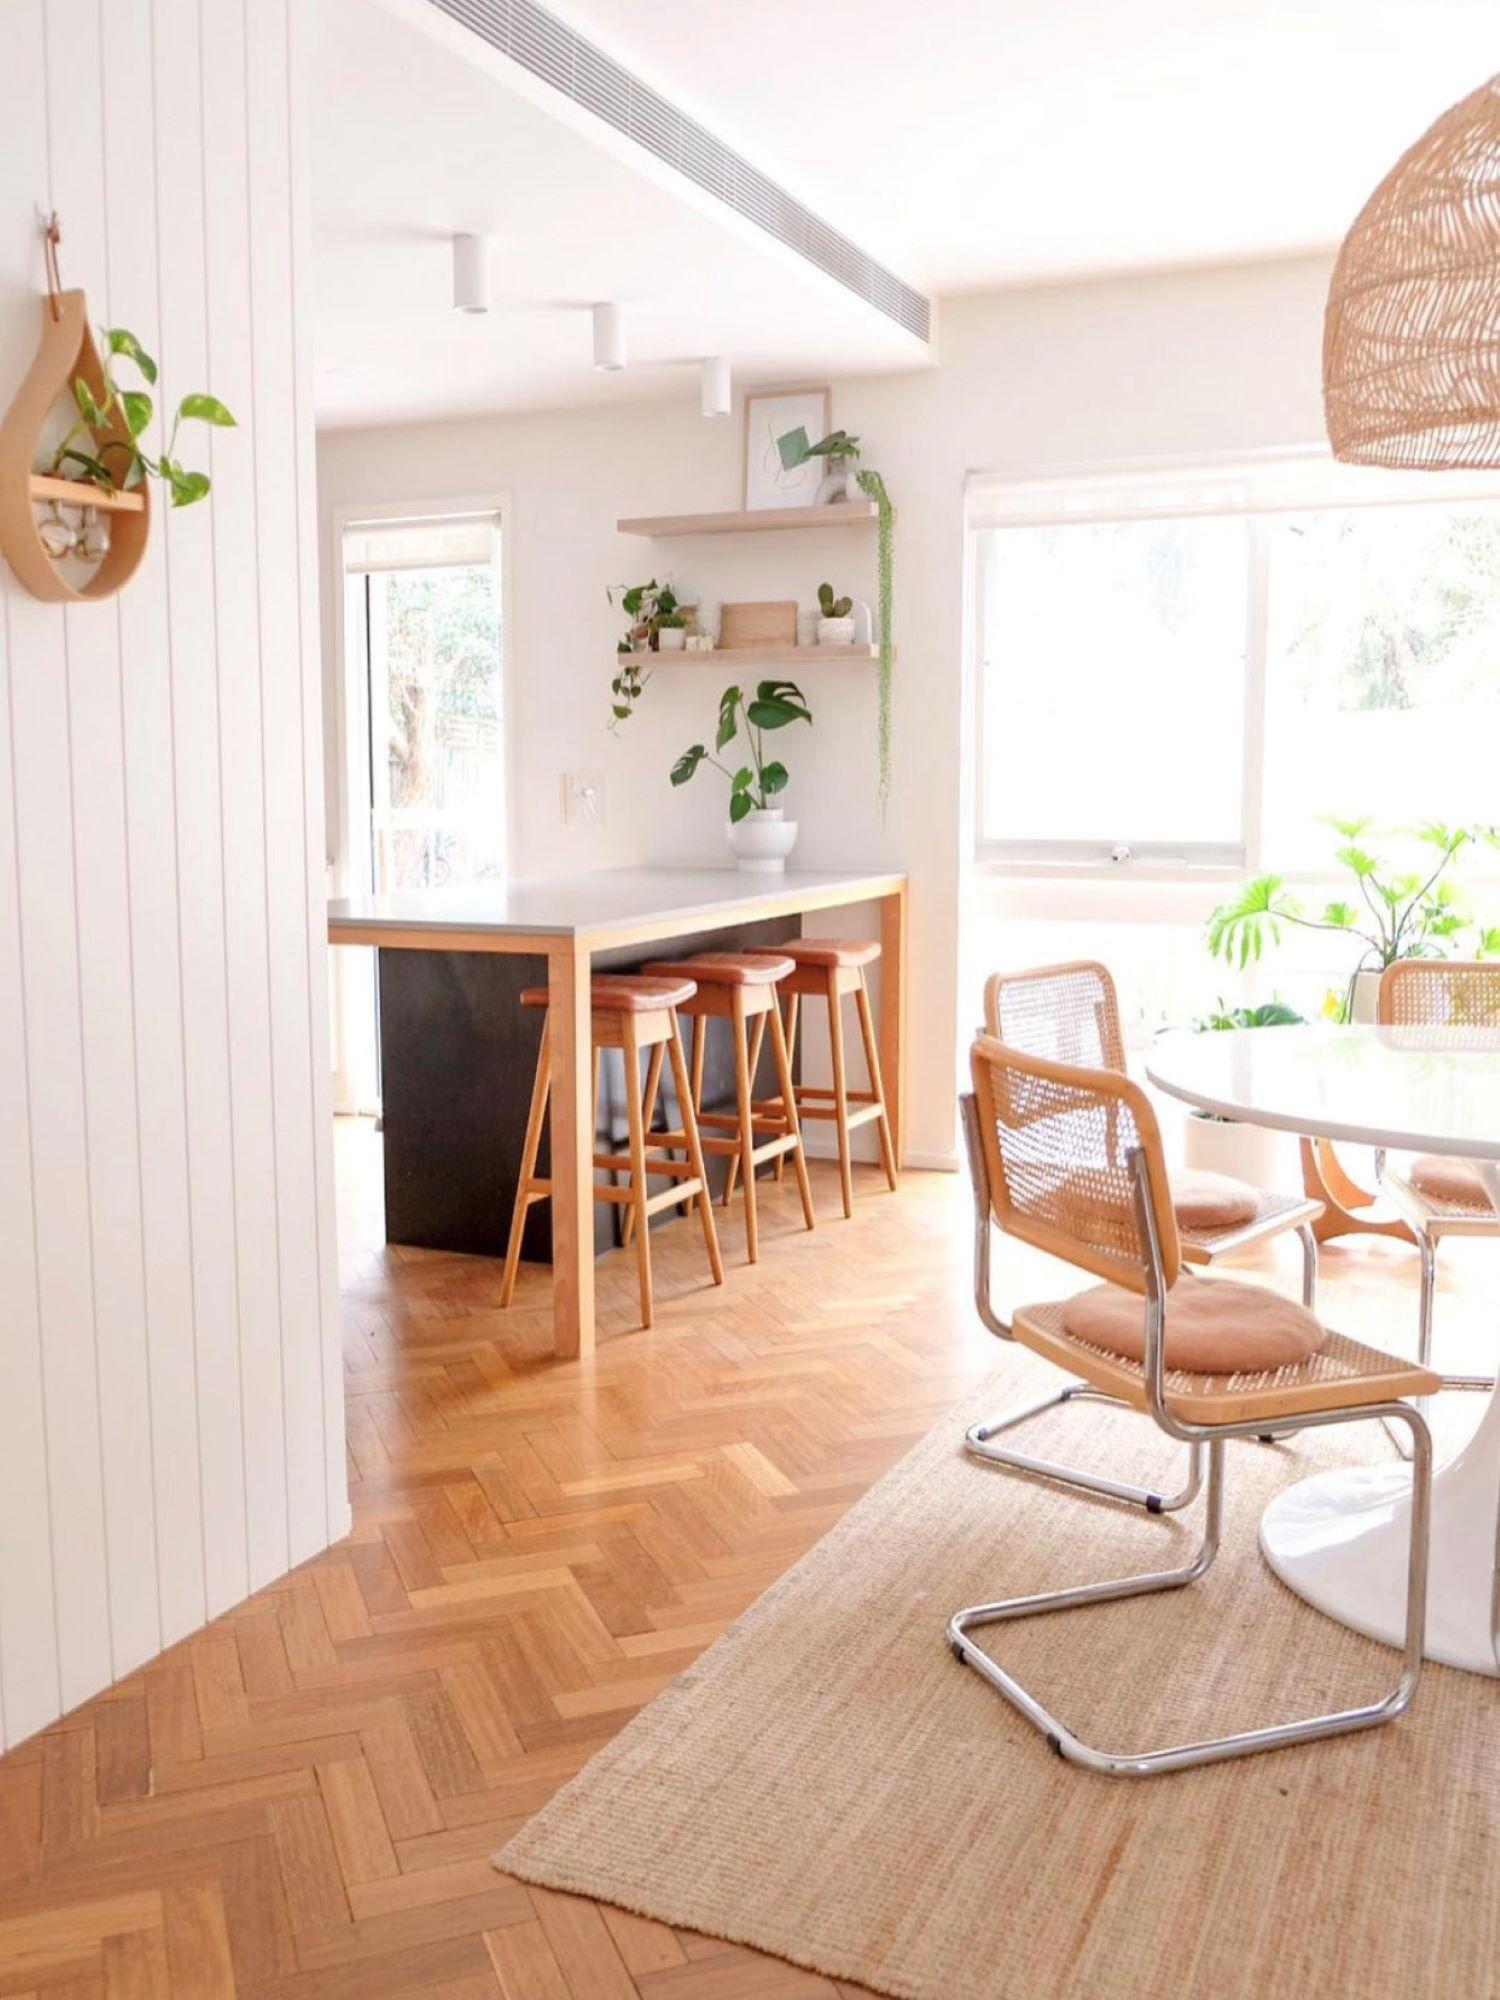 Interior designer Bettina Brent kitchen with island bench